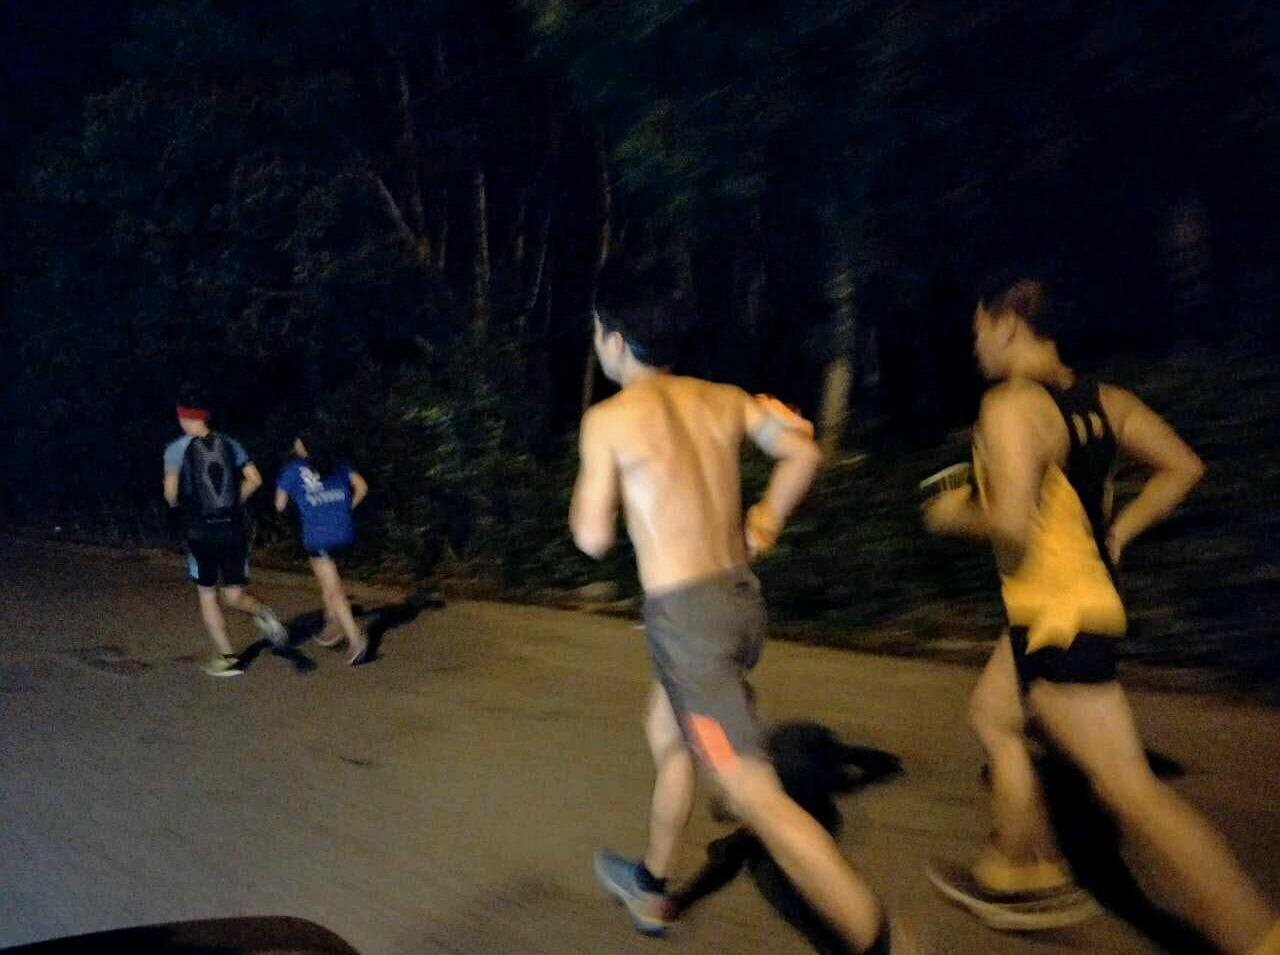 【夏】椒江夜跑团市民广场5公里跑8-10